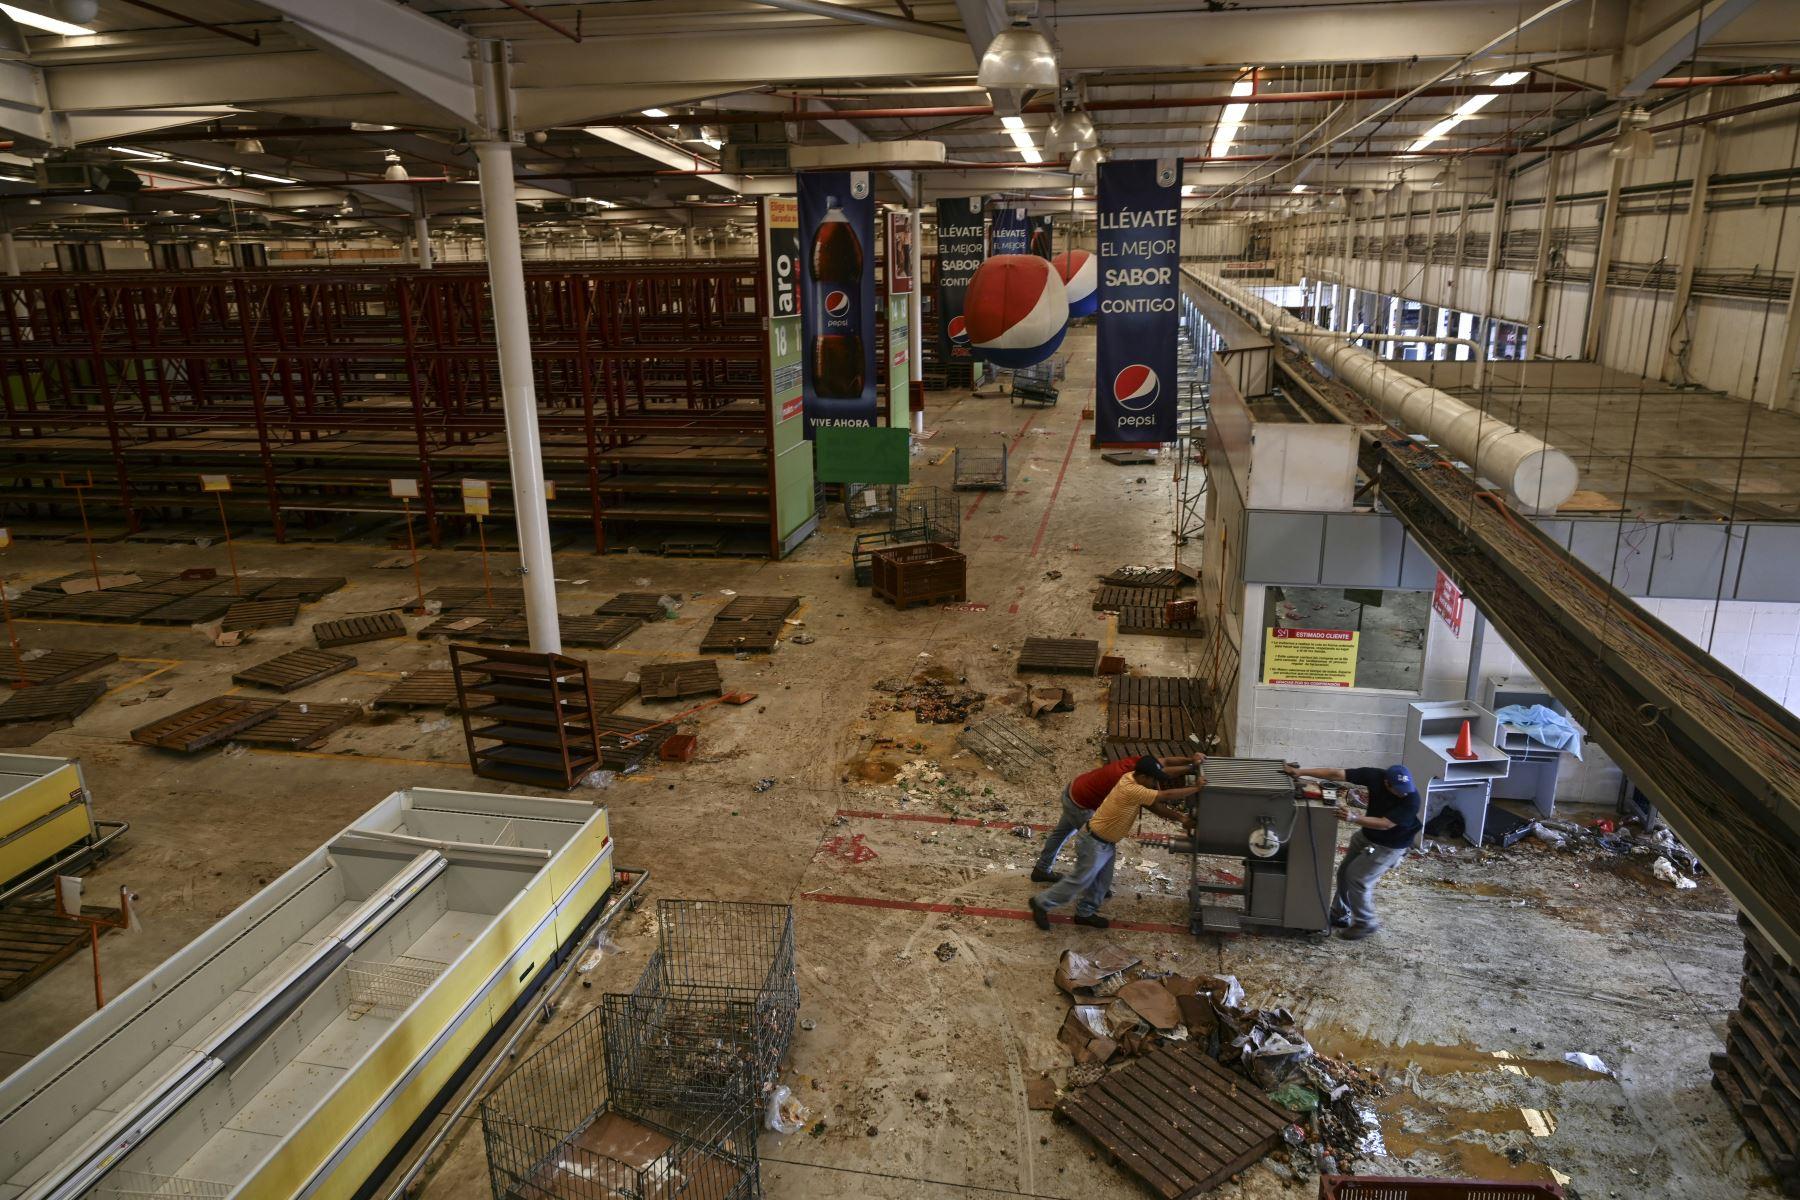 Vista general del interior de un supermercado saqueado durante el apagón masivo que ha paralizado a Venezuela durante seis días en Maracaibo. Foto: AFP